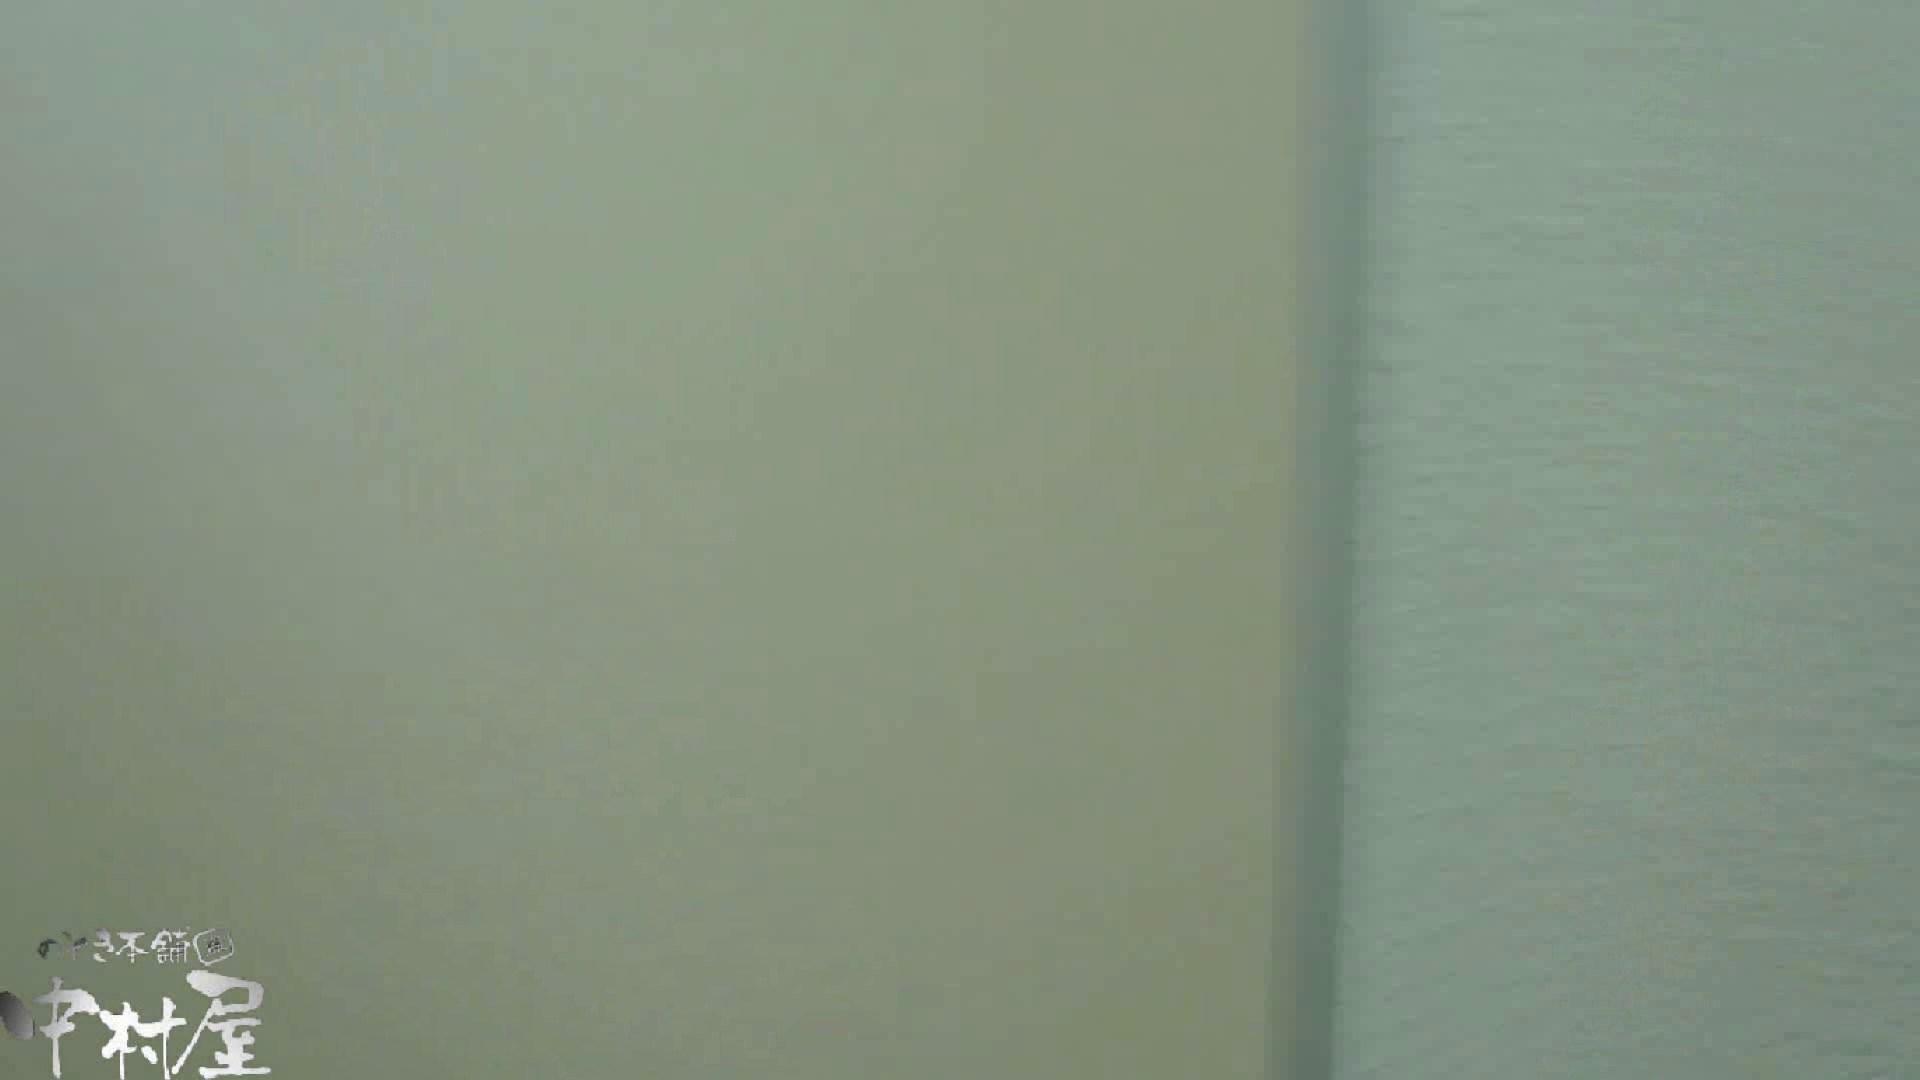 無修正おまんこ動画 魂のかわや盗撮62連発! 大も小もダブルで発射! 21発目! のぞき本舗 中村屋